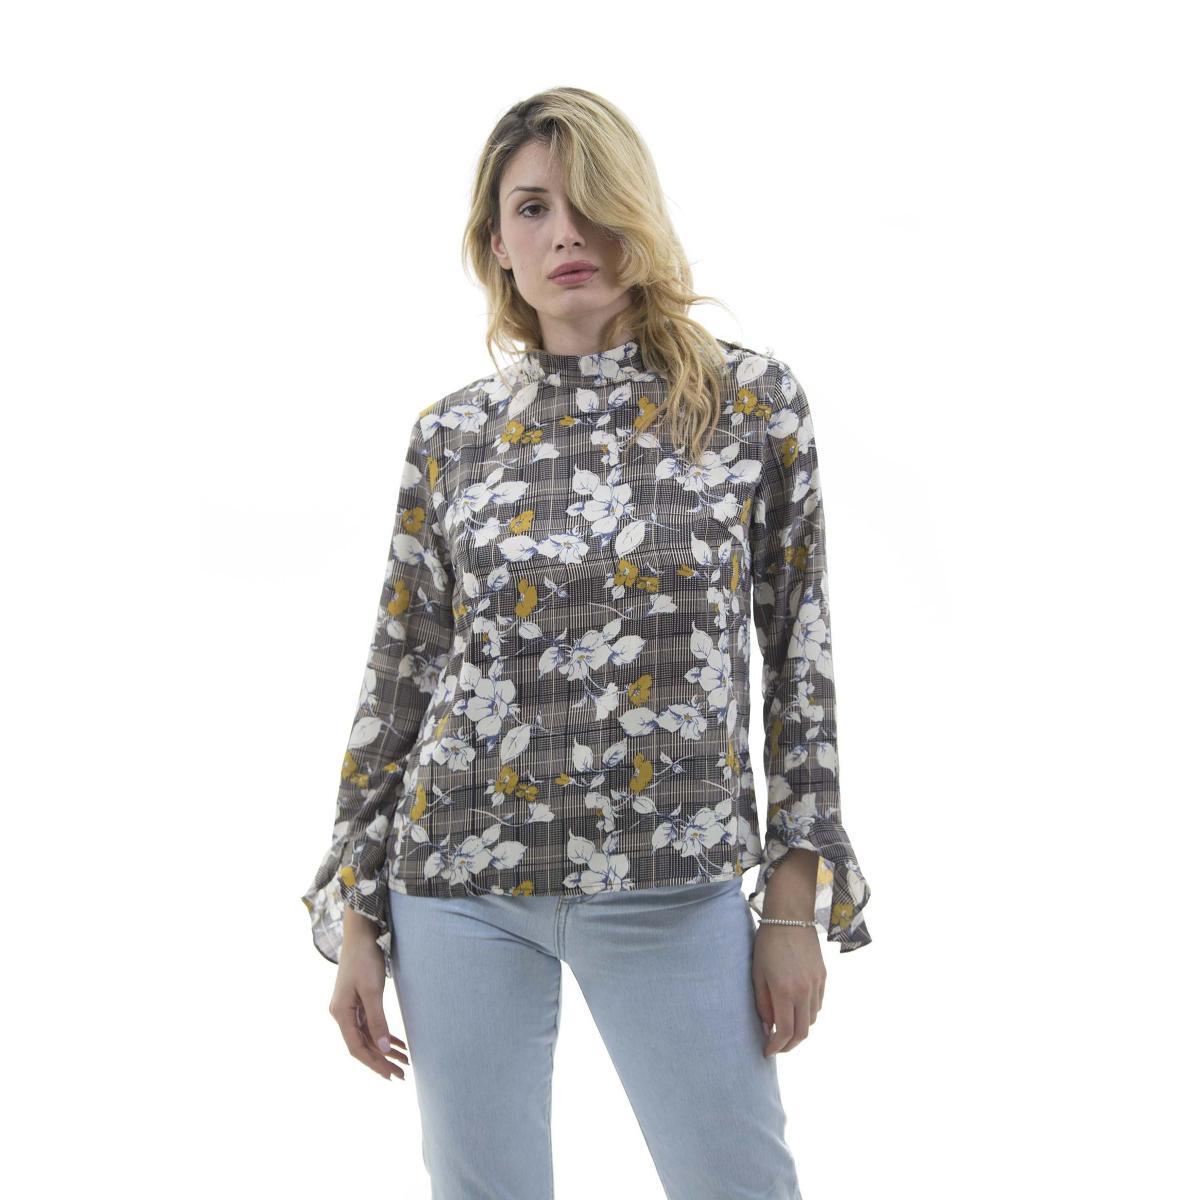 Camicia a quadroni con fantasia floreale - donna